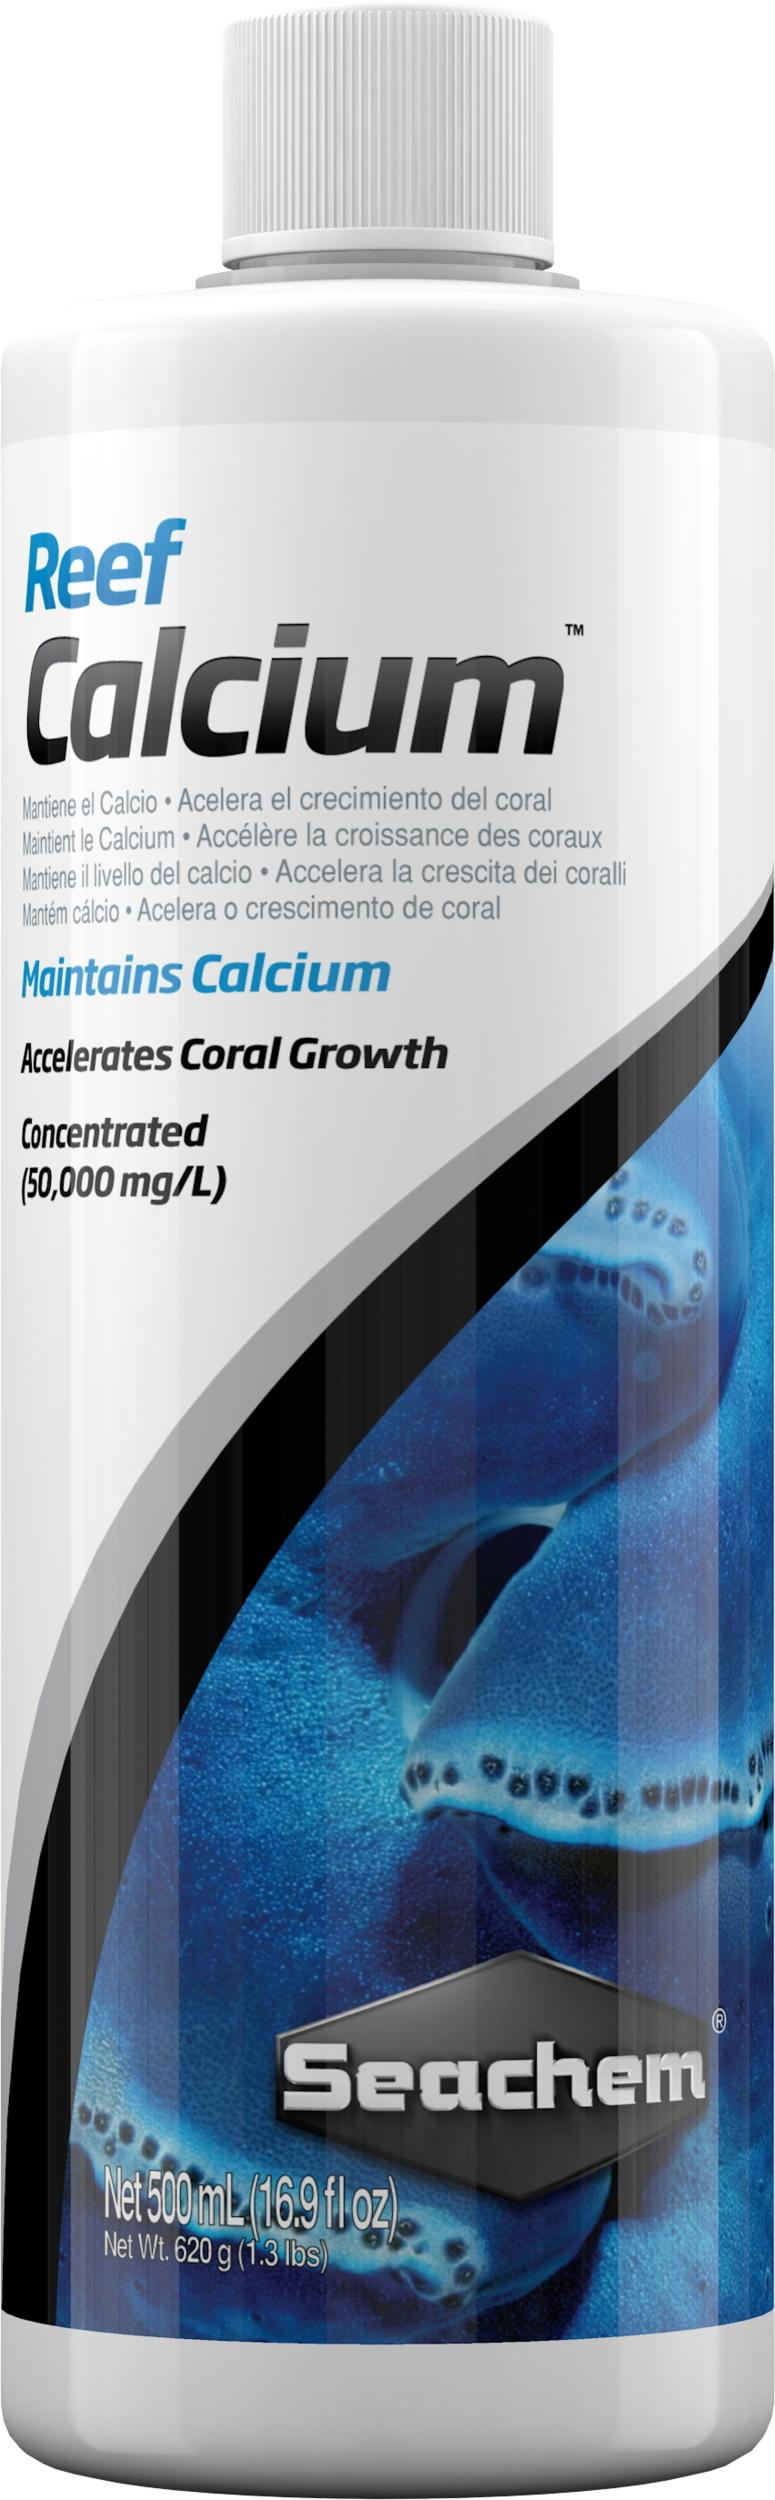 ReefCalcium-500mL